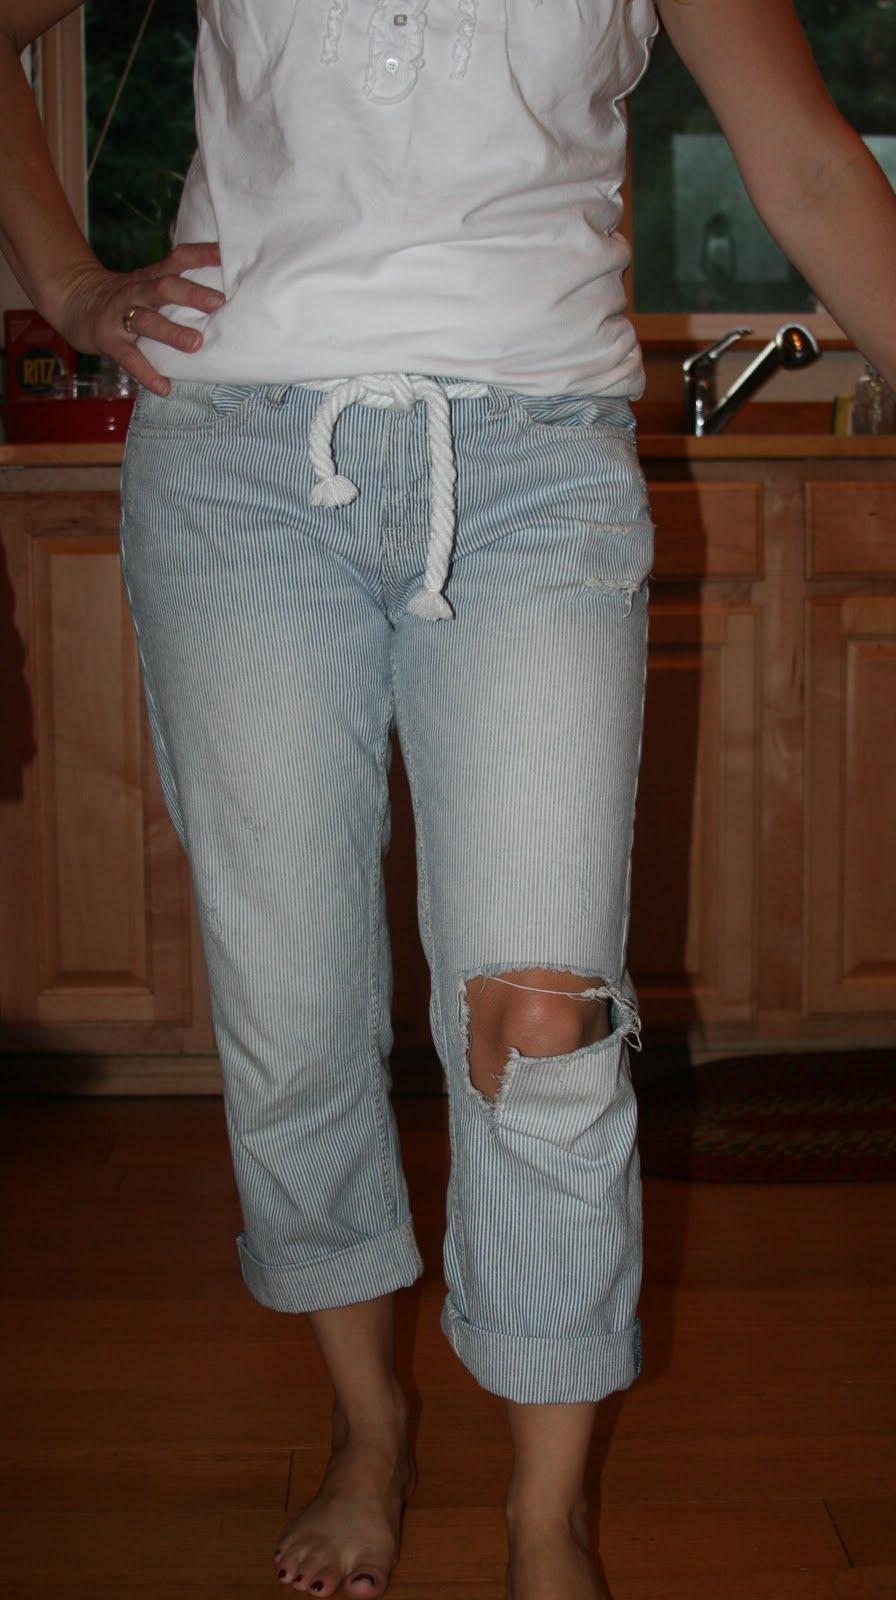 Holy Holey Jeans ~ Mindy Peltier